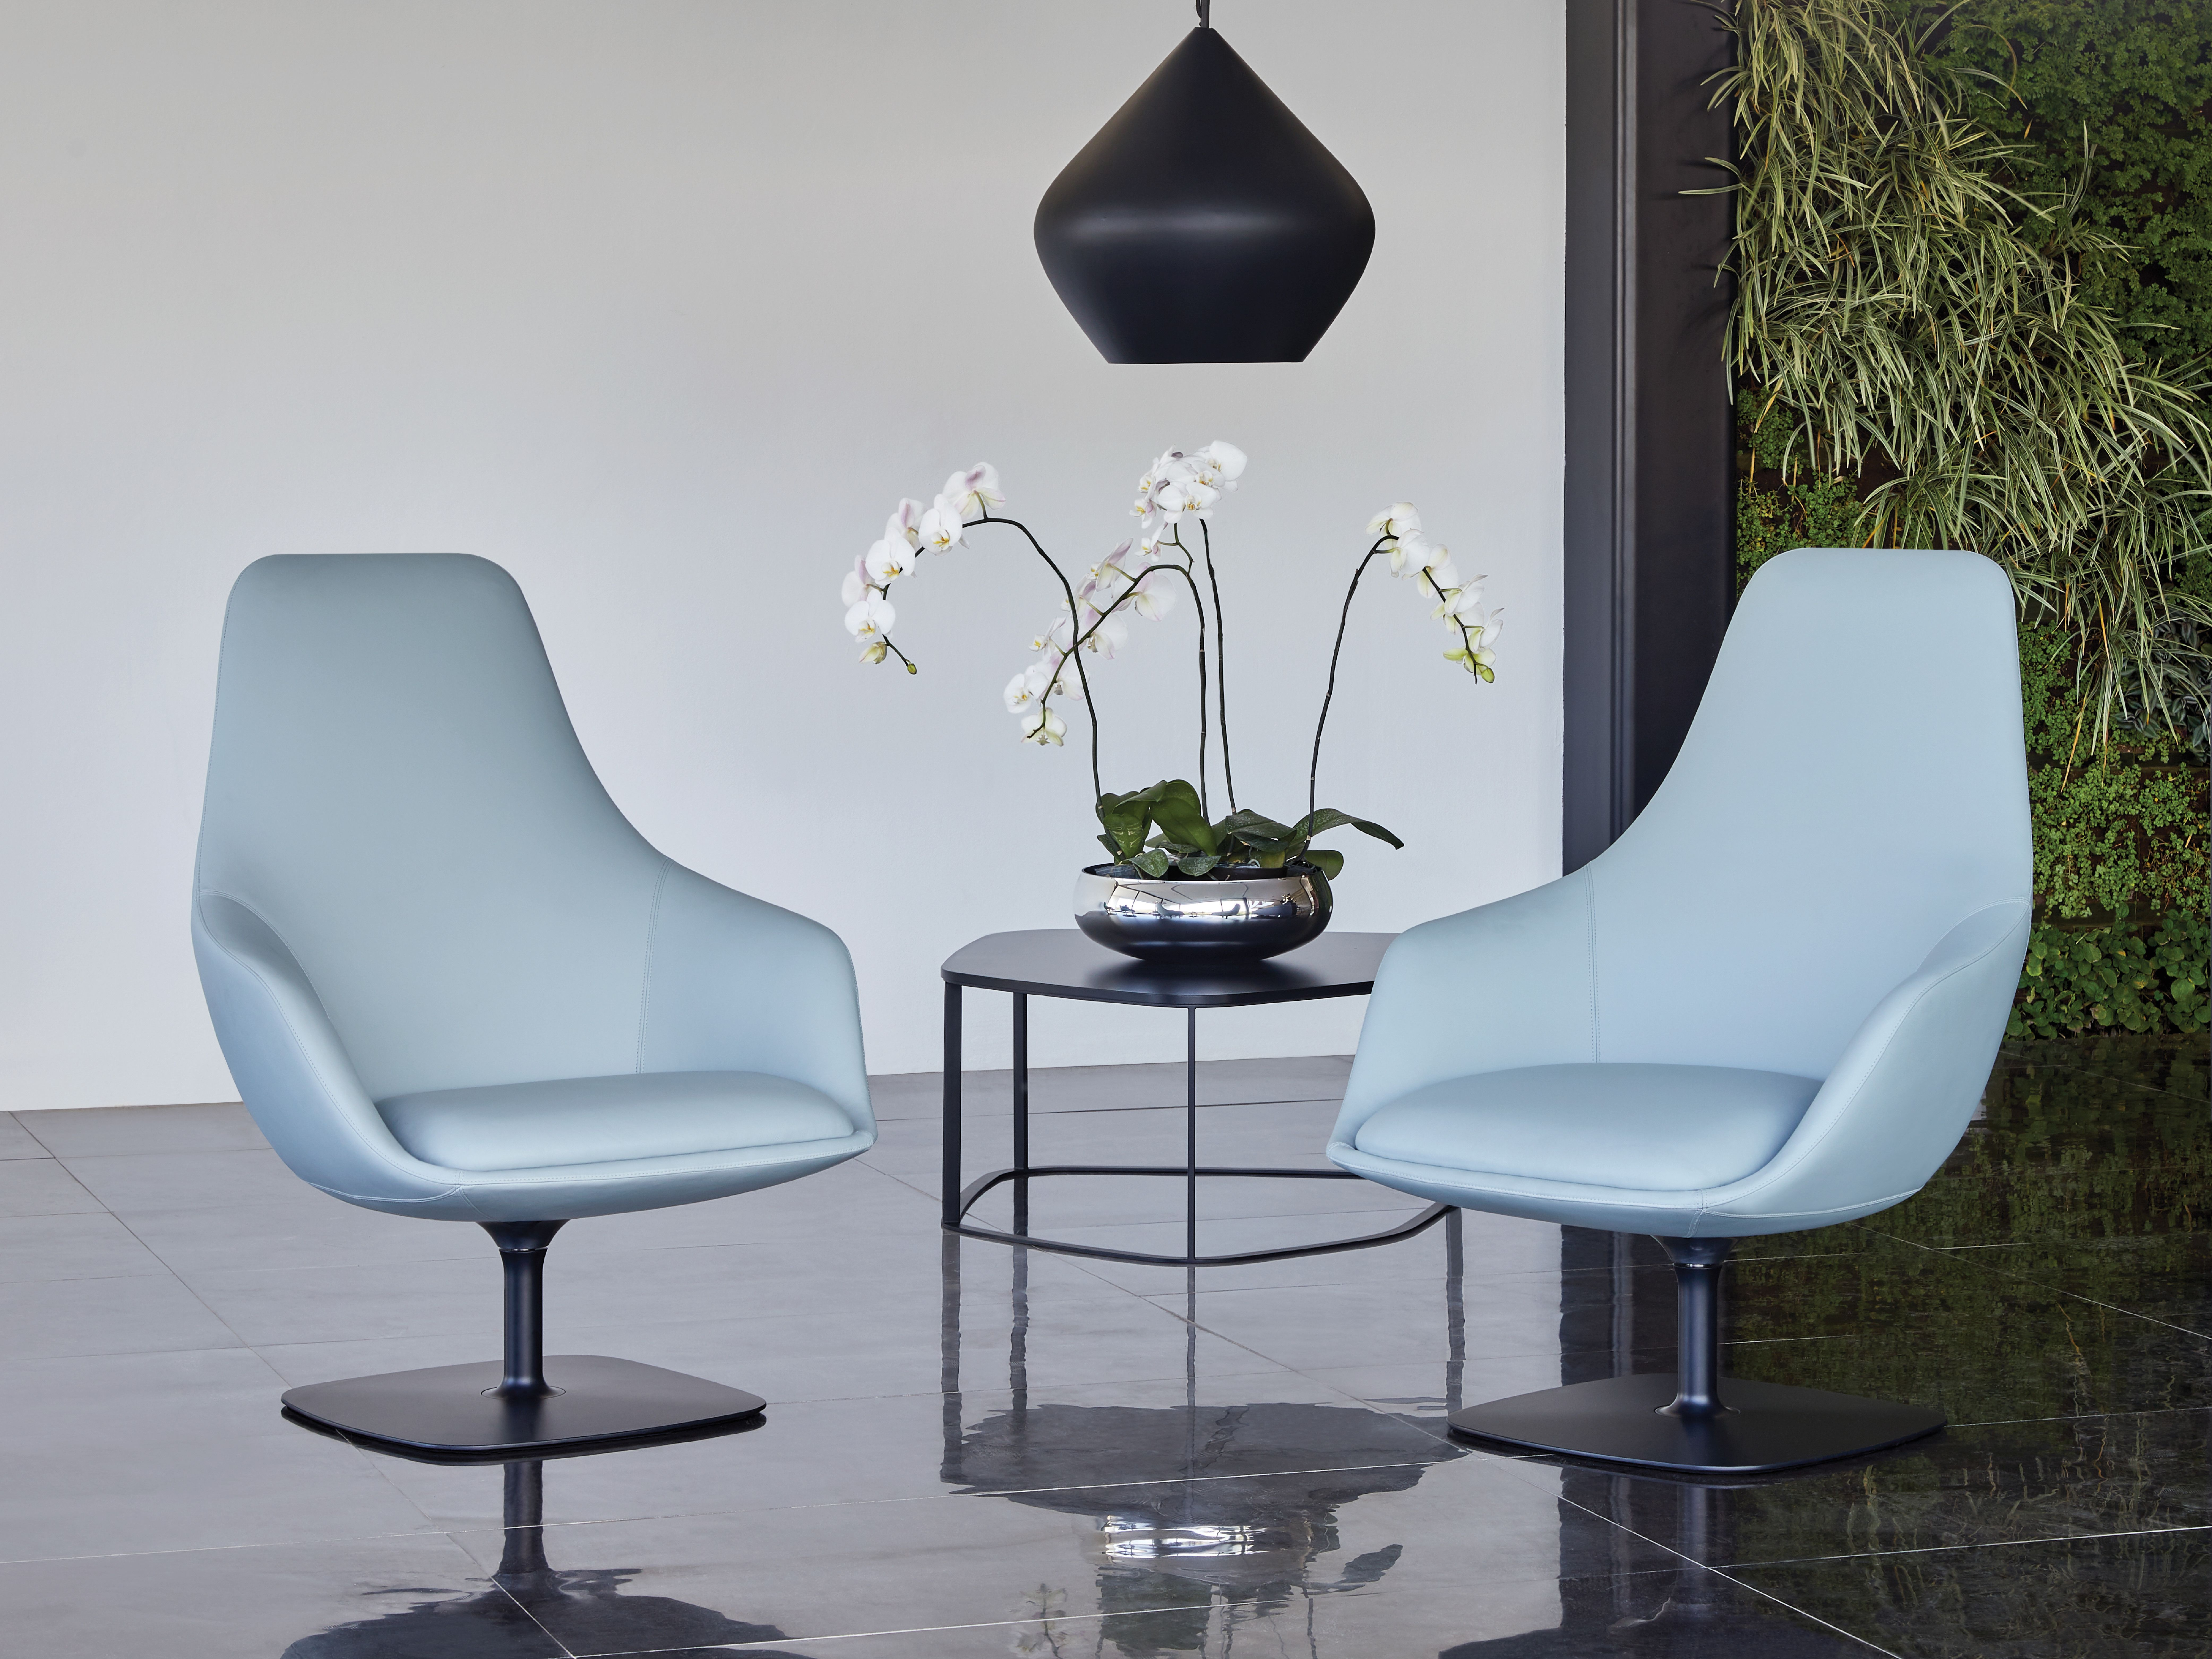 Canelle Chair - Noé Duchaufour-Lawrance for Bernhardt Design ...